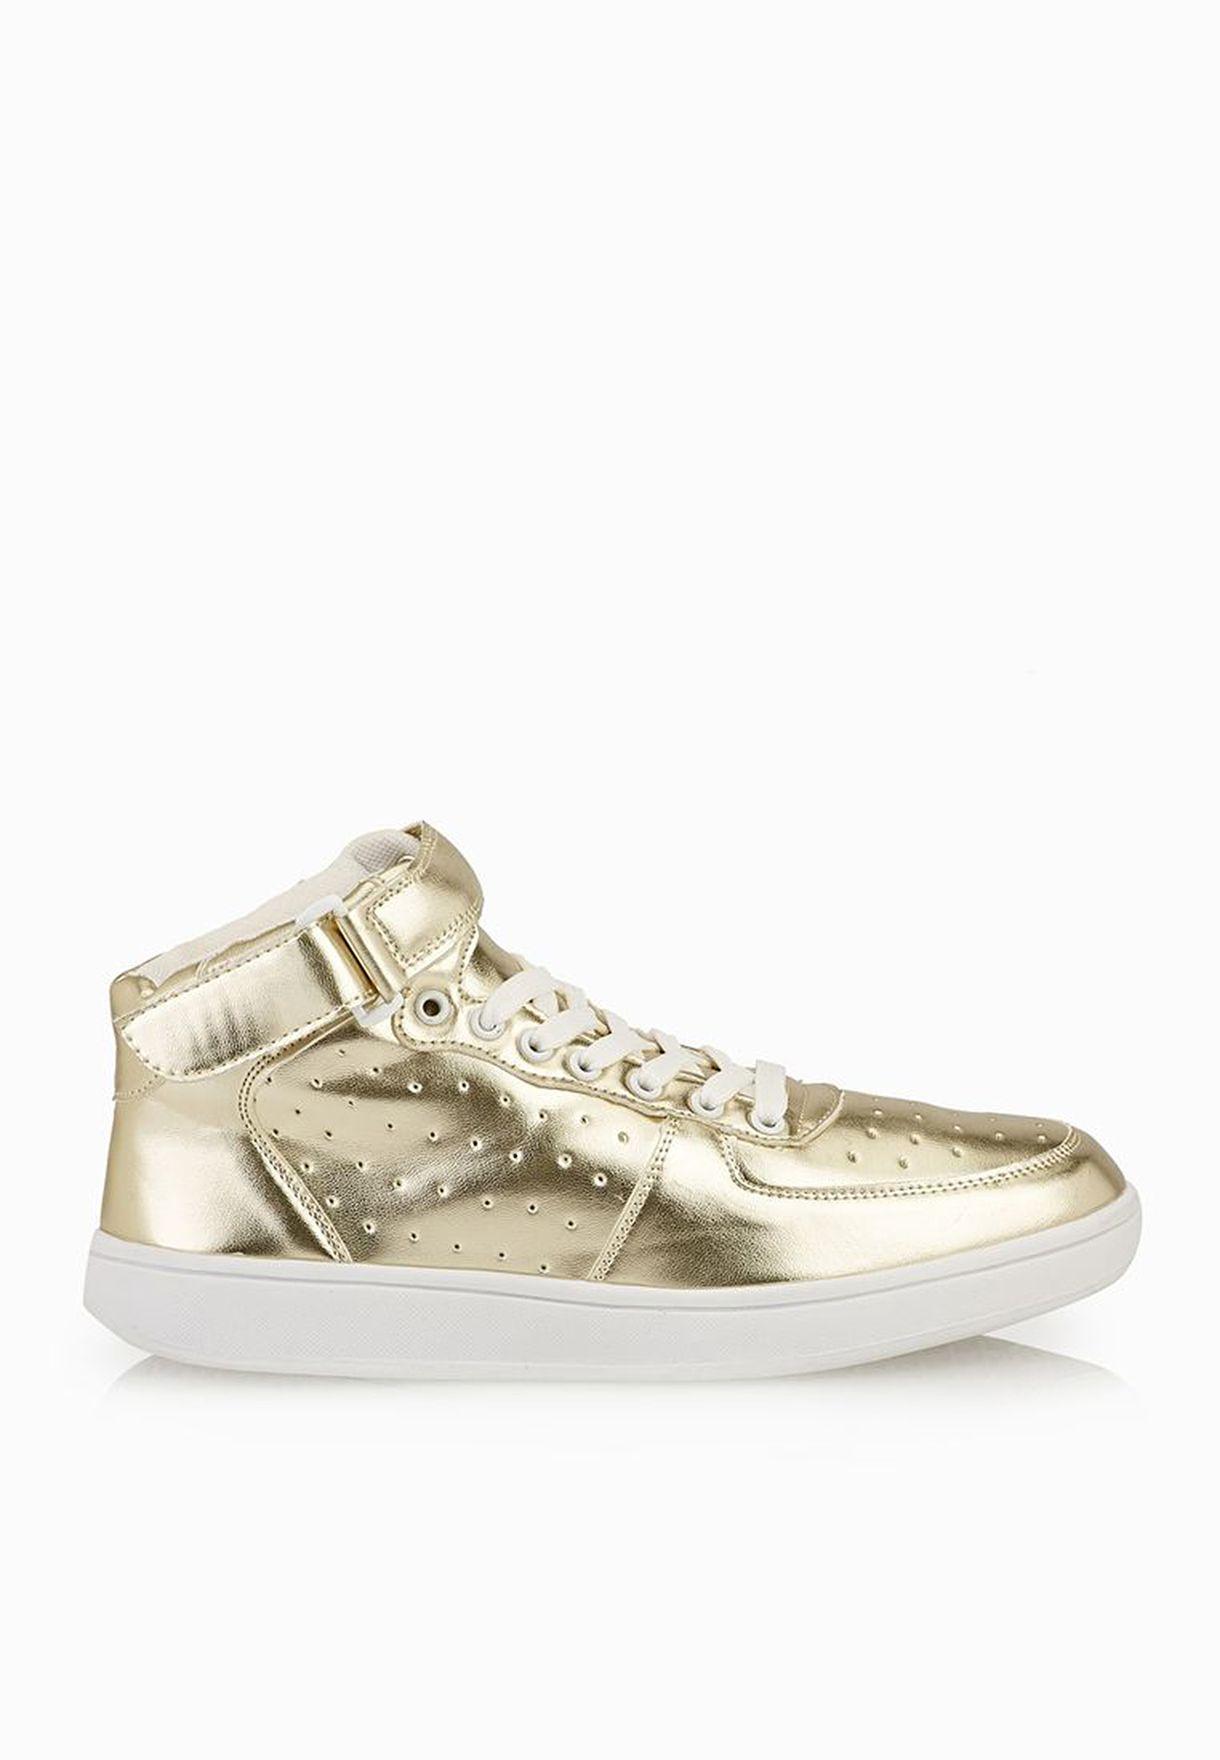 Buy Hot Soles Gold Metallic Sneakers